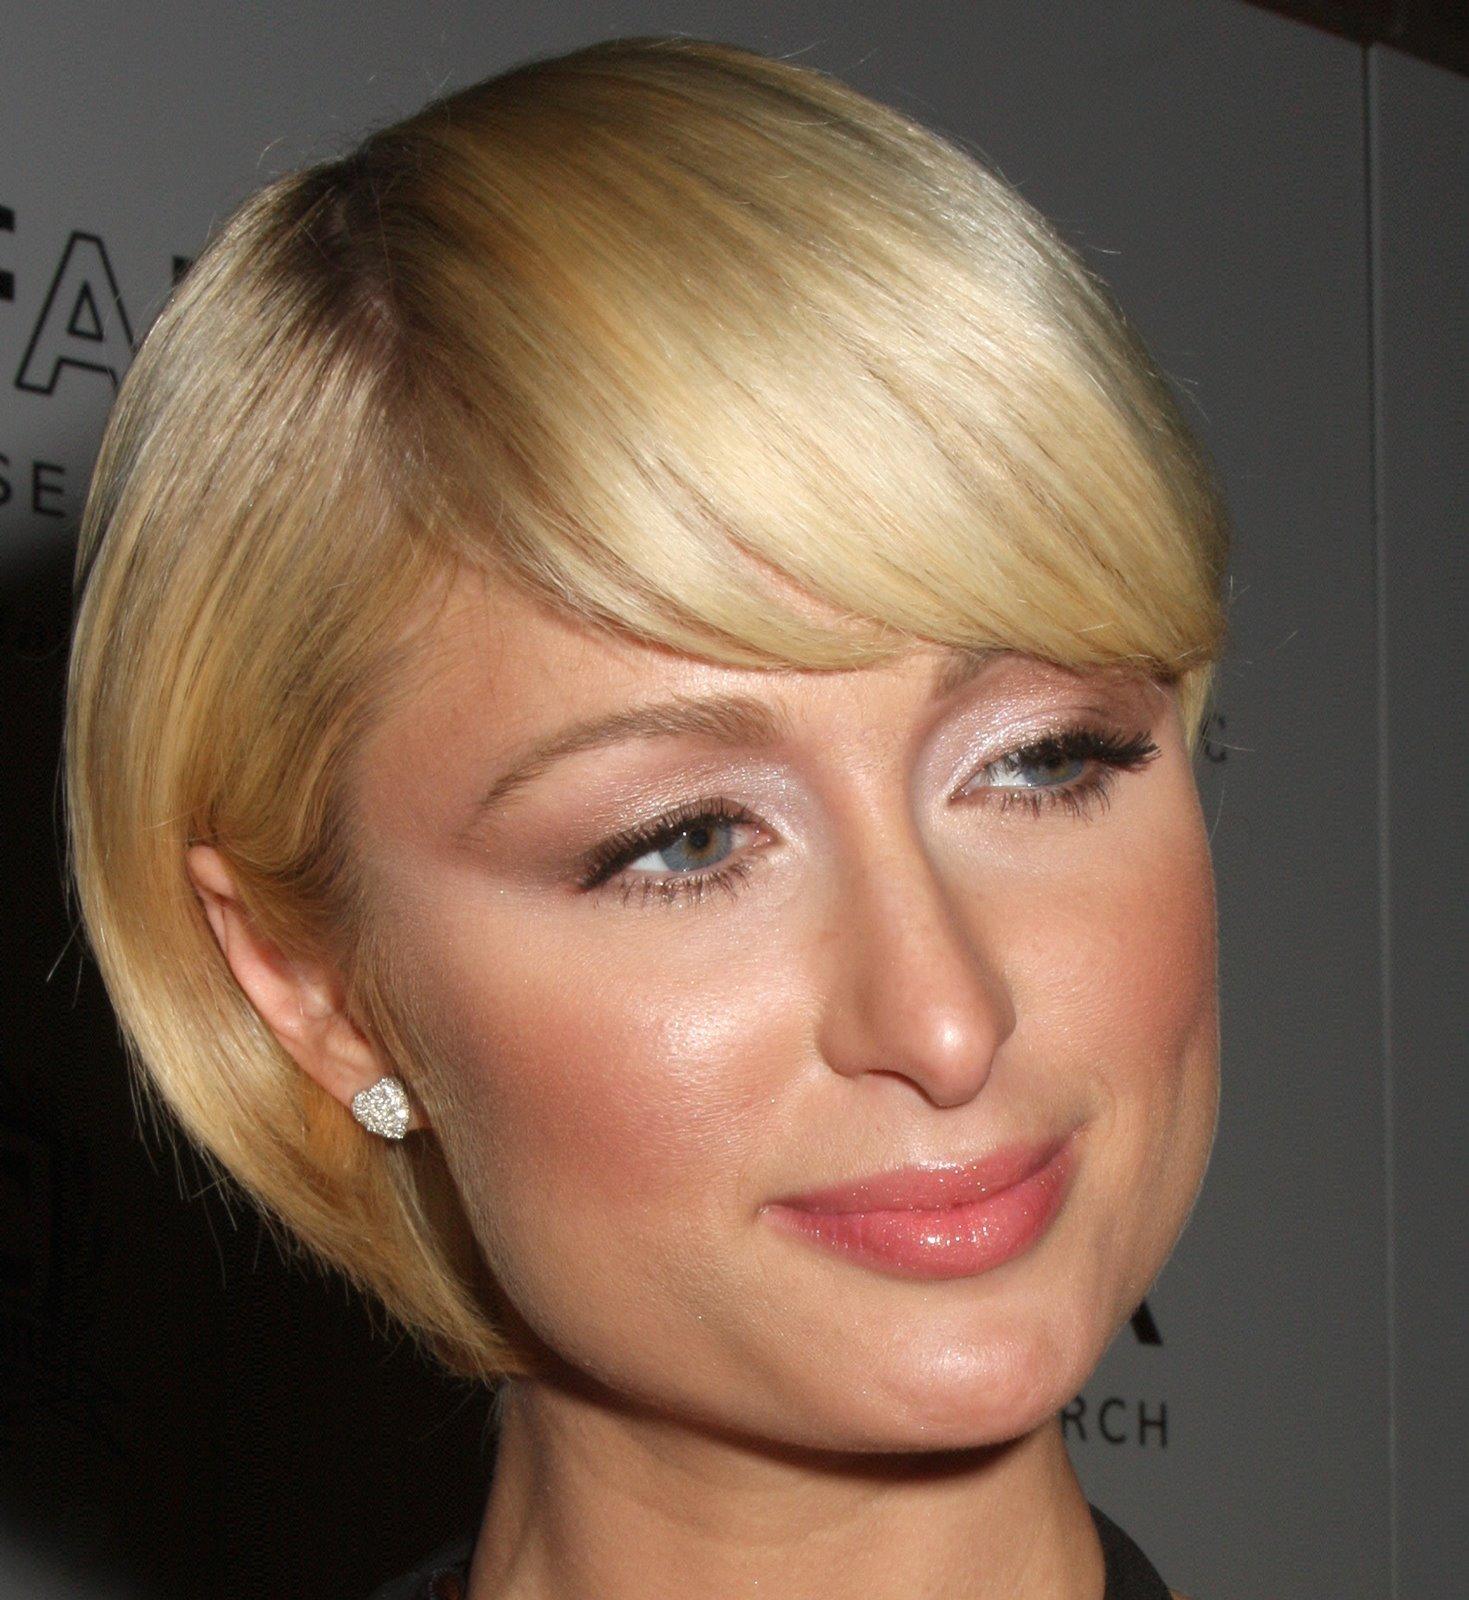 Paris Hilton Best Bob Haircuts     2011 Bob Hairstyle Ideas For Girls